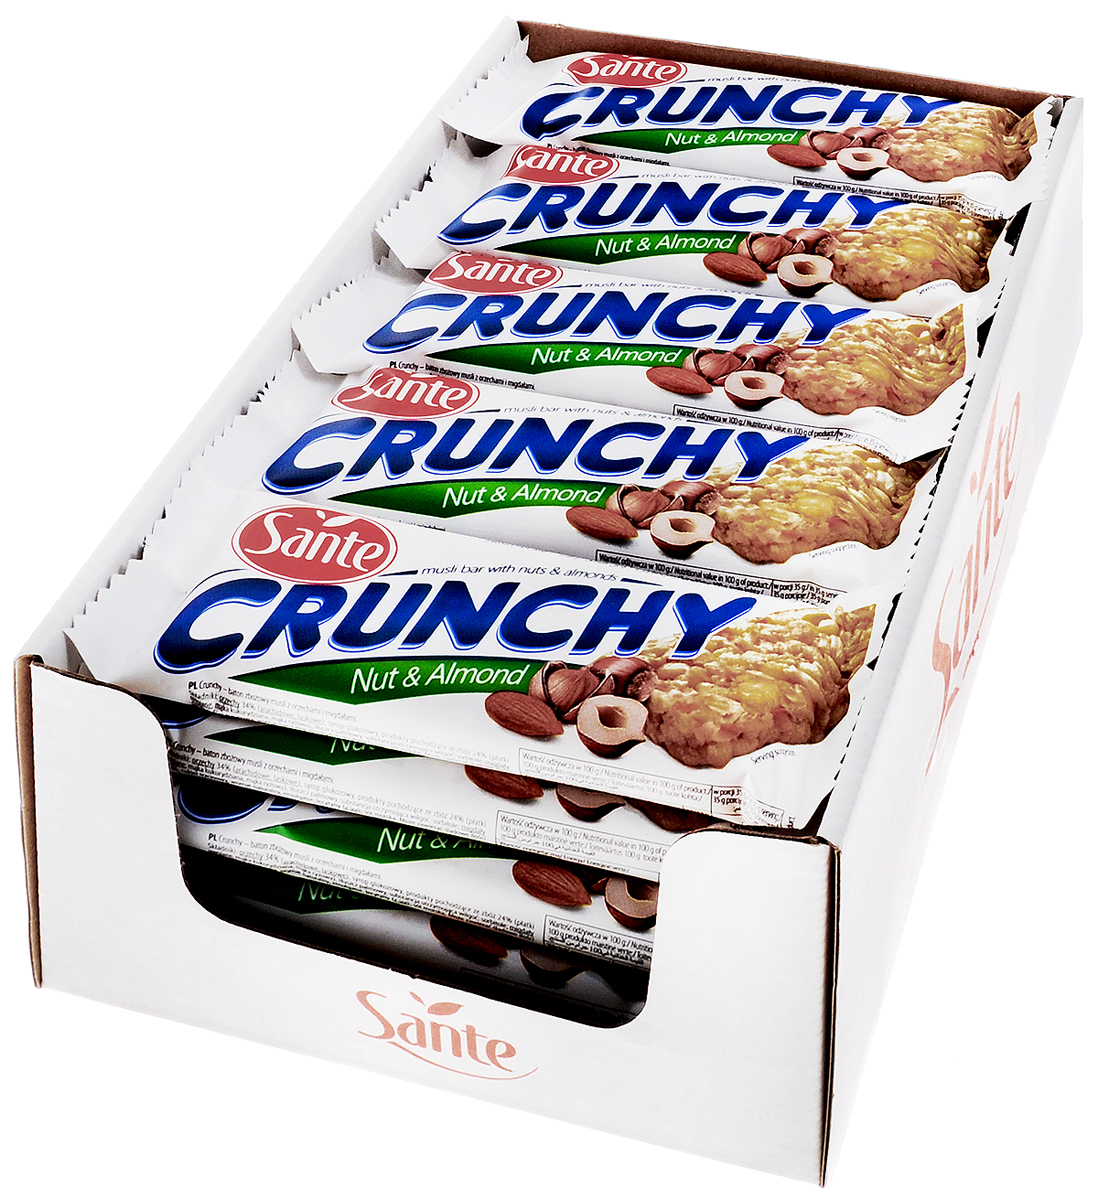 Sante Crunchy батончикмюслисорехами,35г (25 шт) sante маца цельнозерновая 180 г